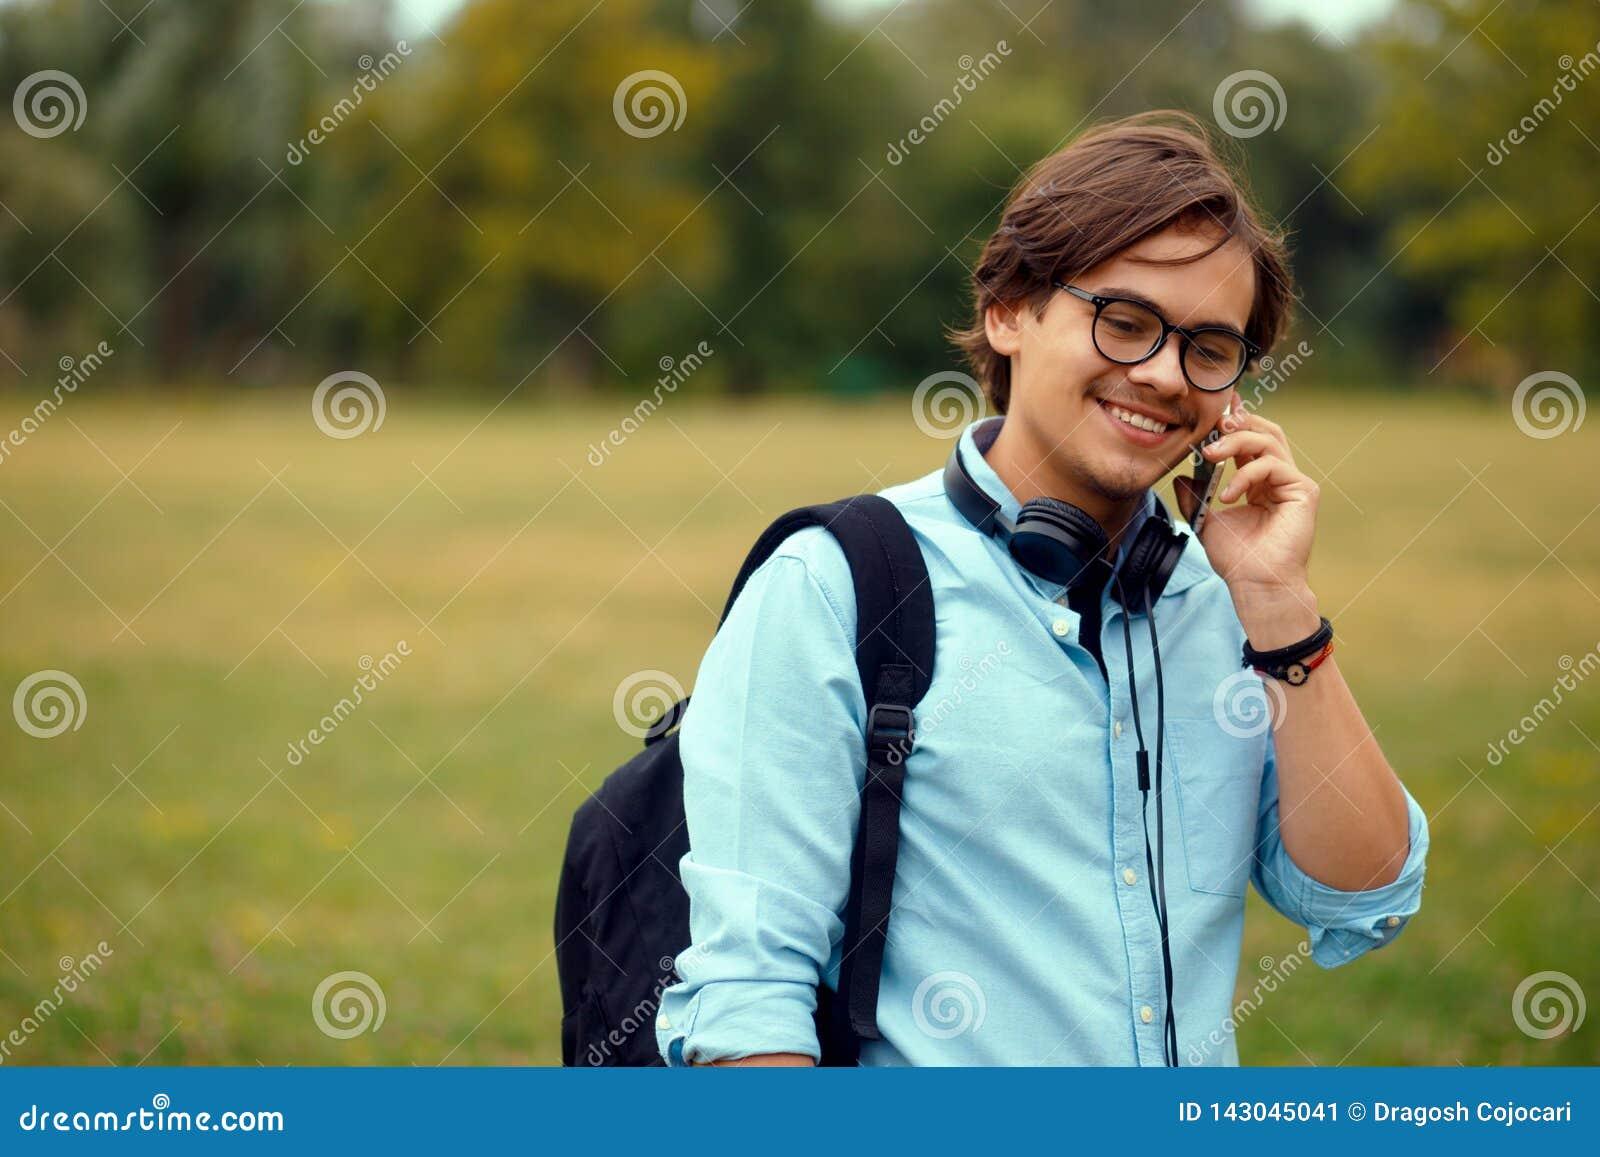 Profilståenden av en ung smiligstudent som talar på smartphonen, på en allmänhet, parkerar bakgrund, med kopieringsutrymme